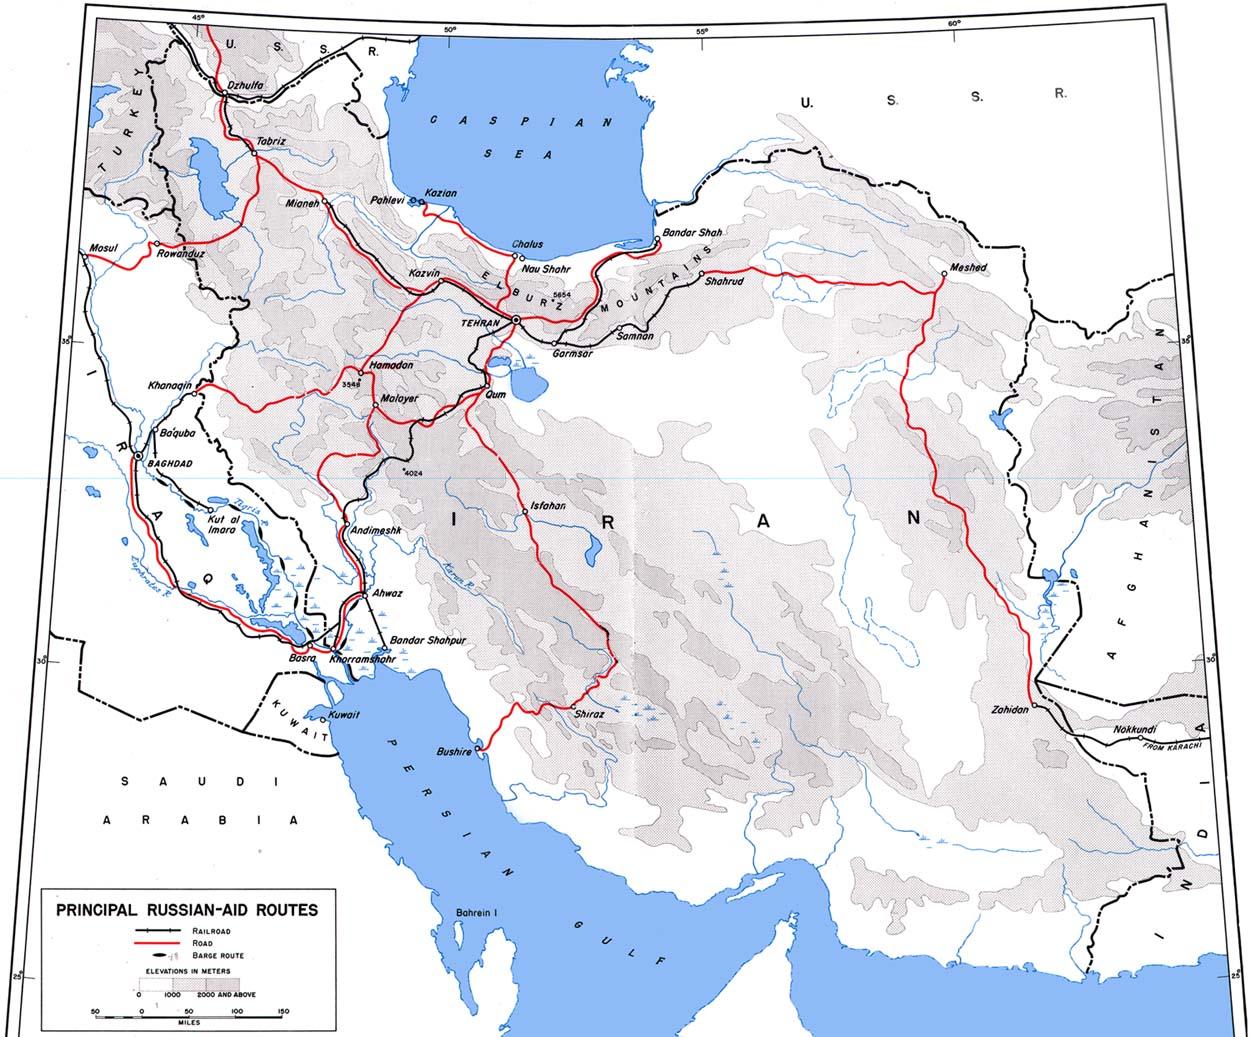 Карта основных маршрутов помощи СССР (сайт Минской школы киноискусства)